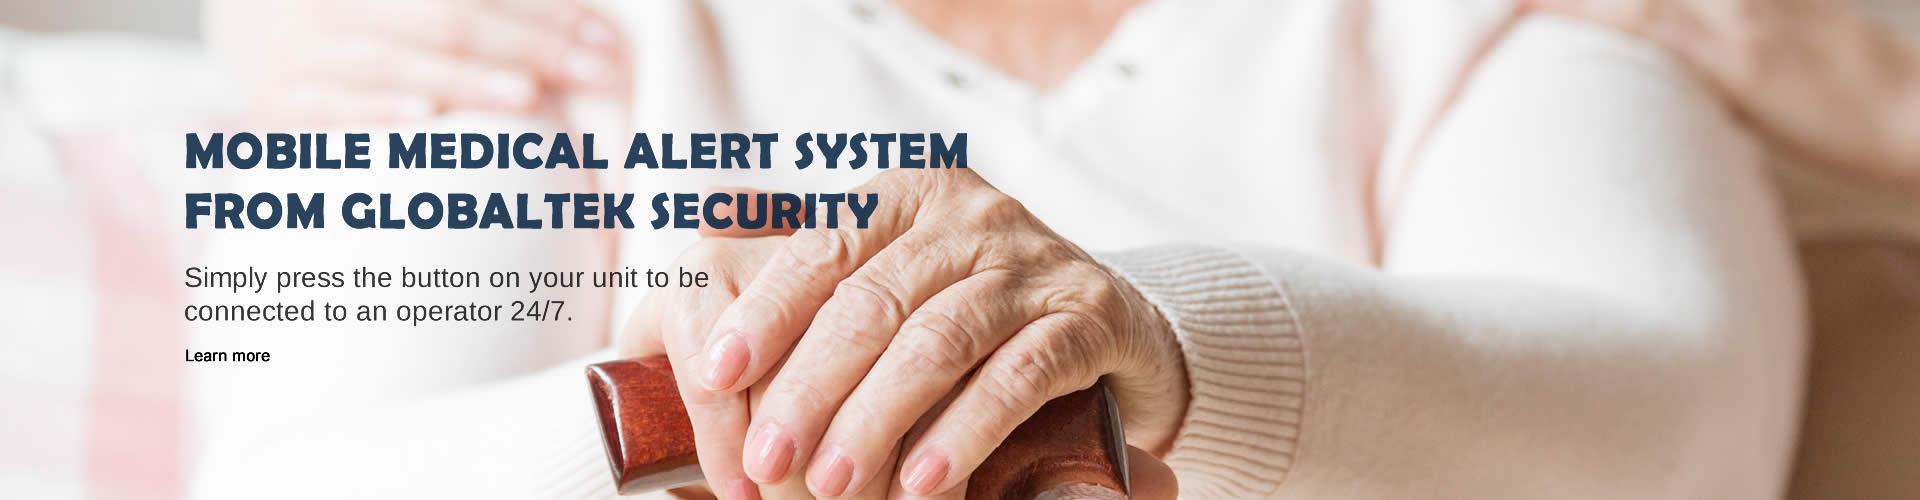 Mobile medical alert system from Globaltek Security